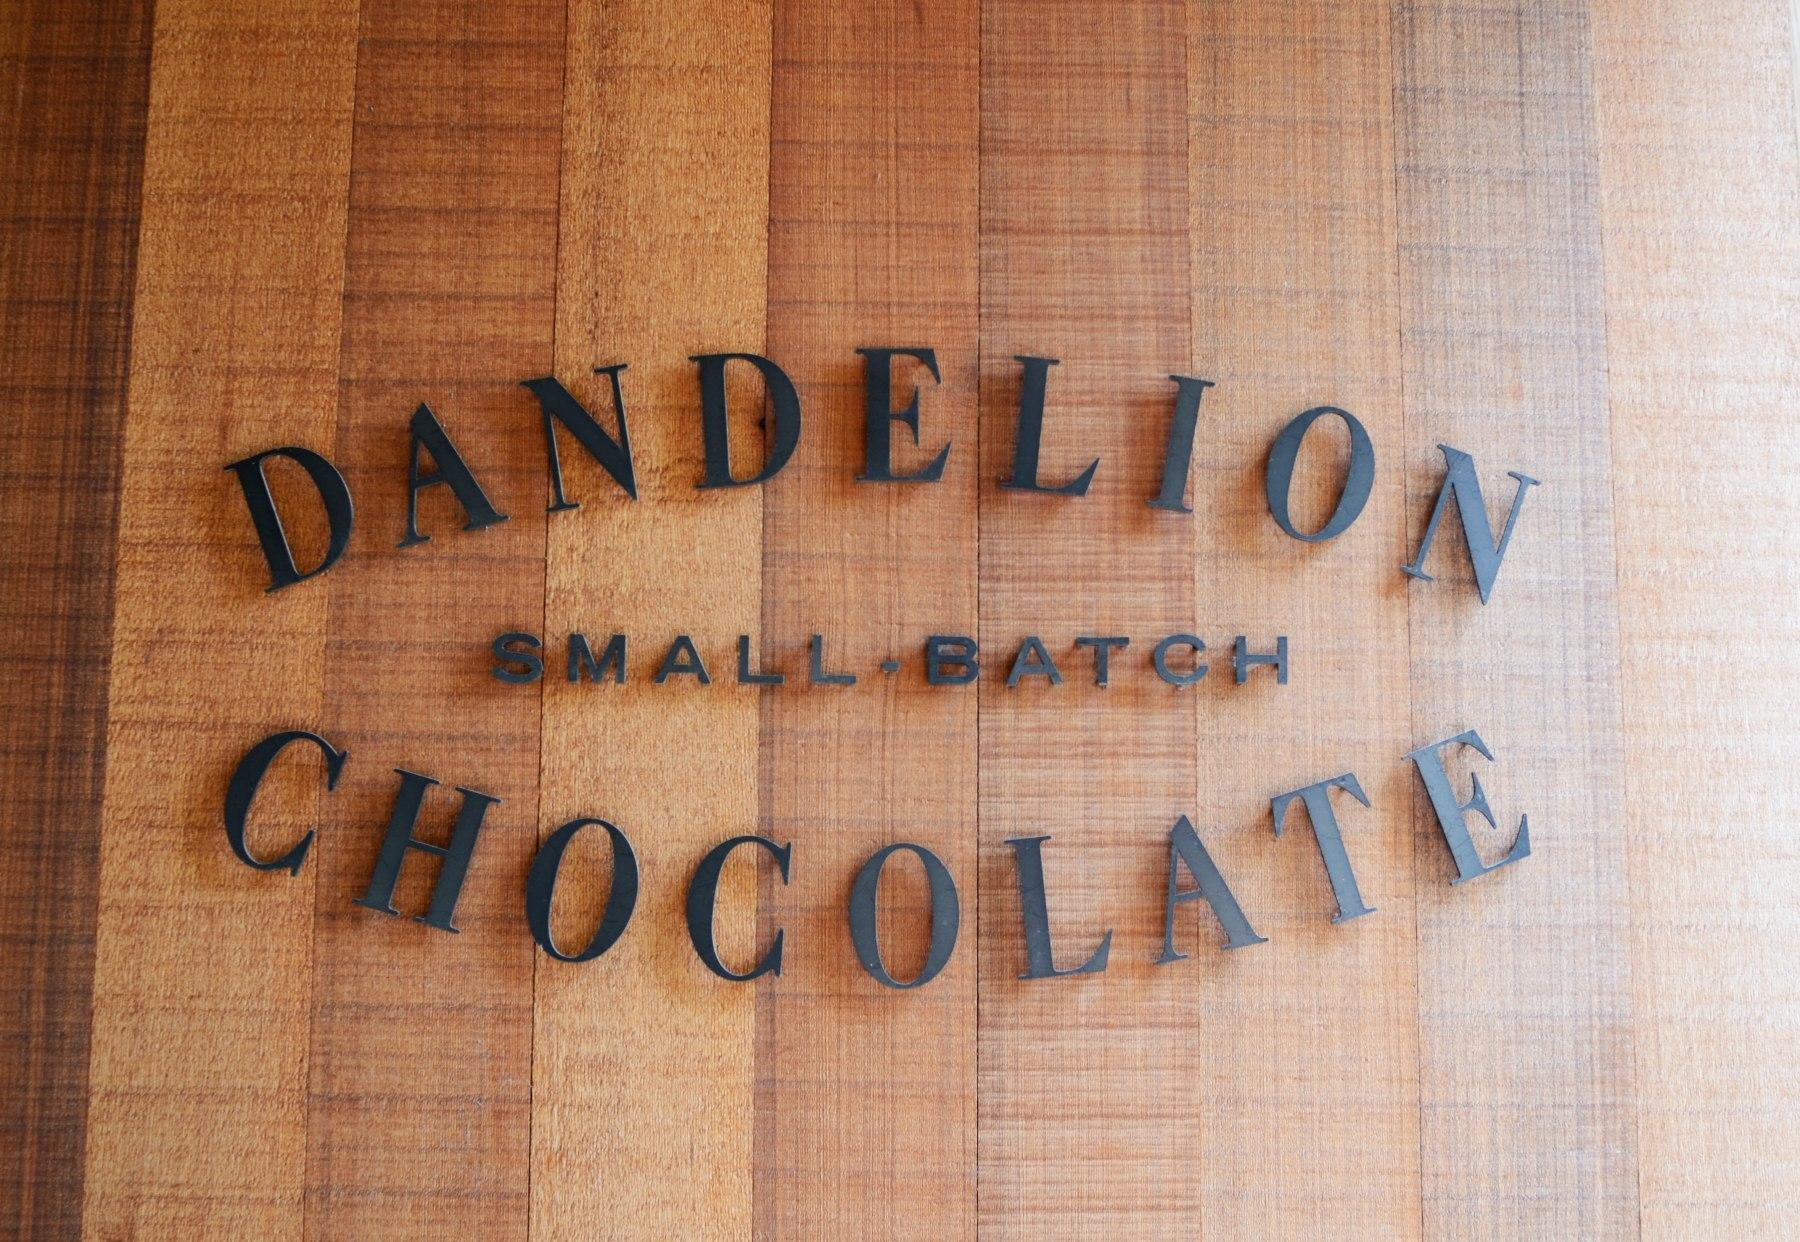 ヒッピーからチョコレートへ。ダンデライオン・チョコレート・ジャパン代表取締役 CEO 堀淵清治 vol.3